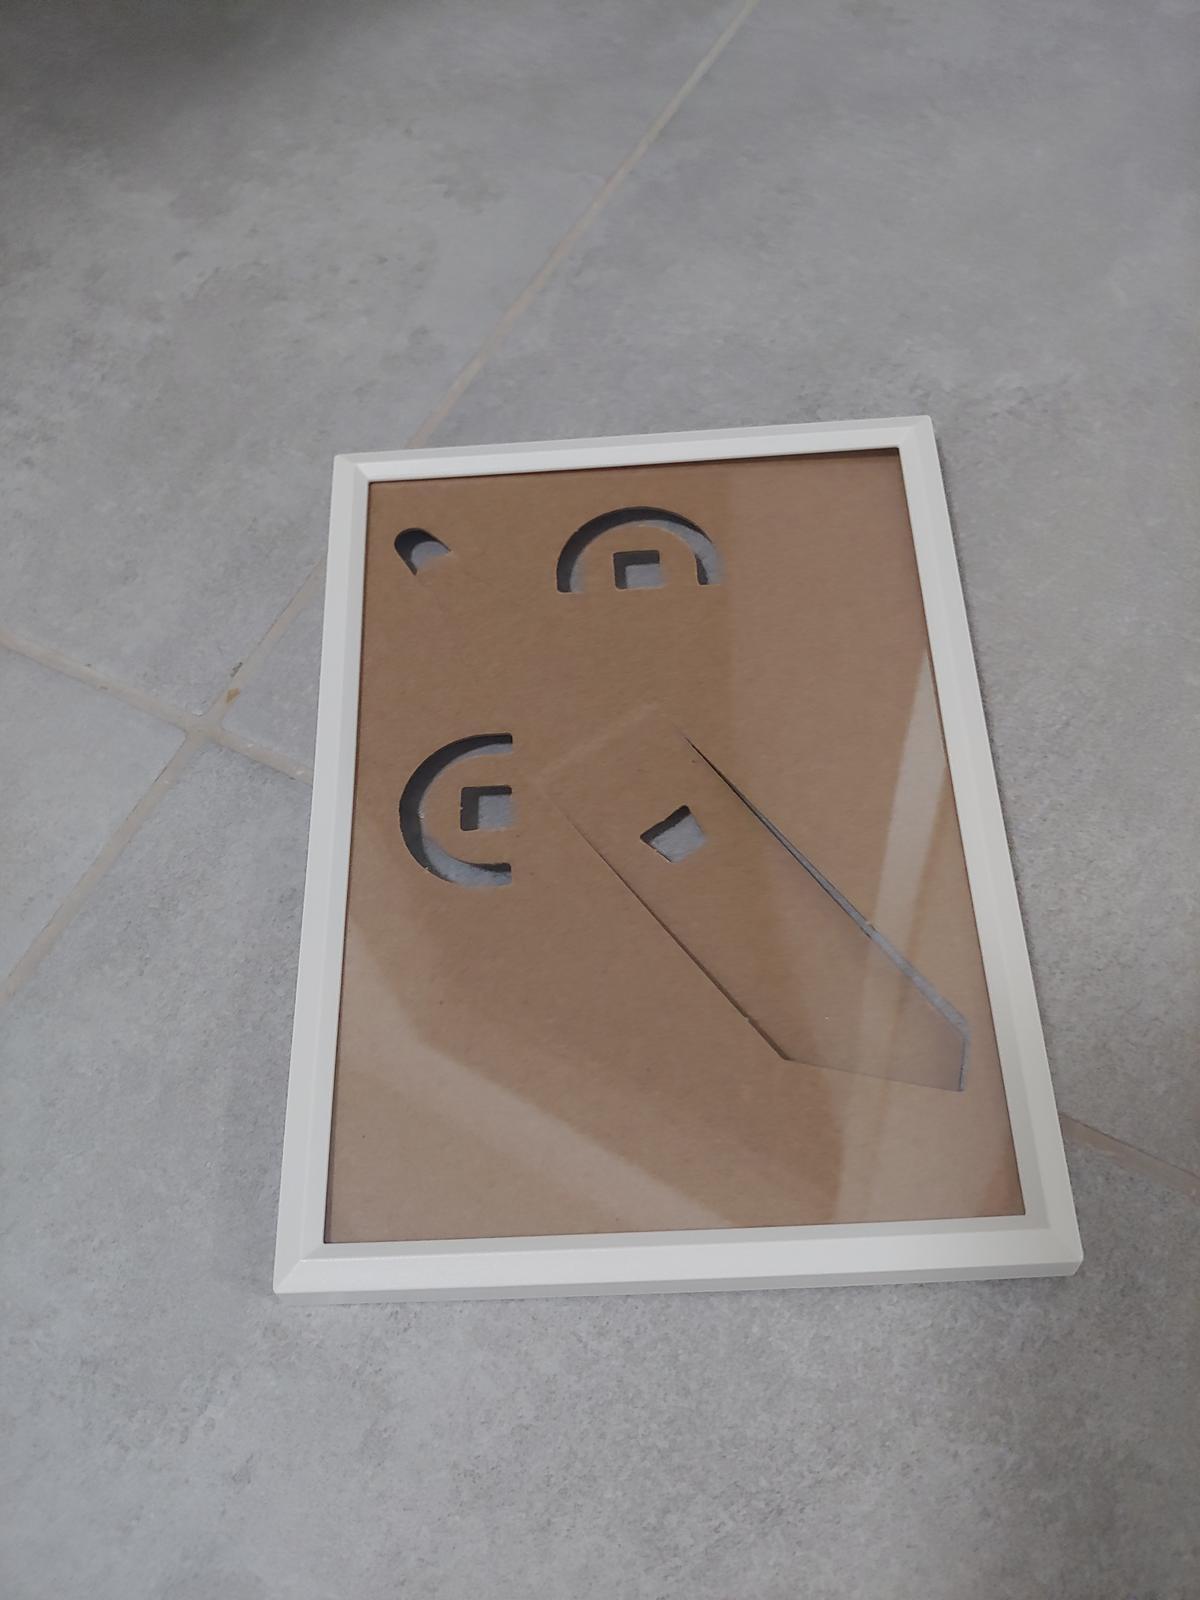 rámečky - Obrázek č. 1